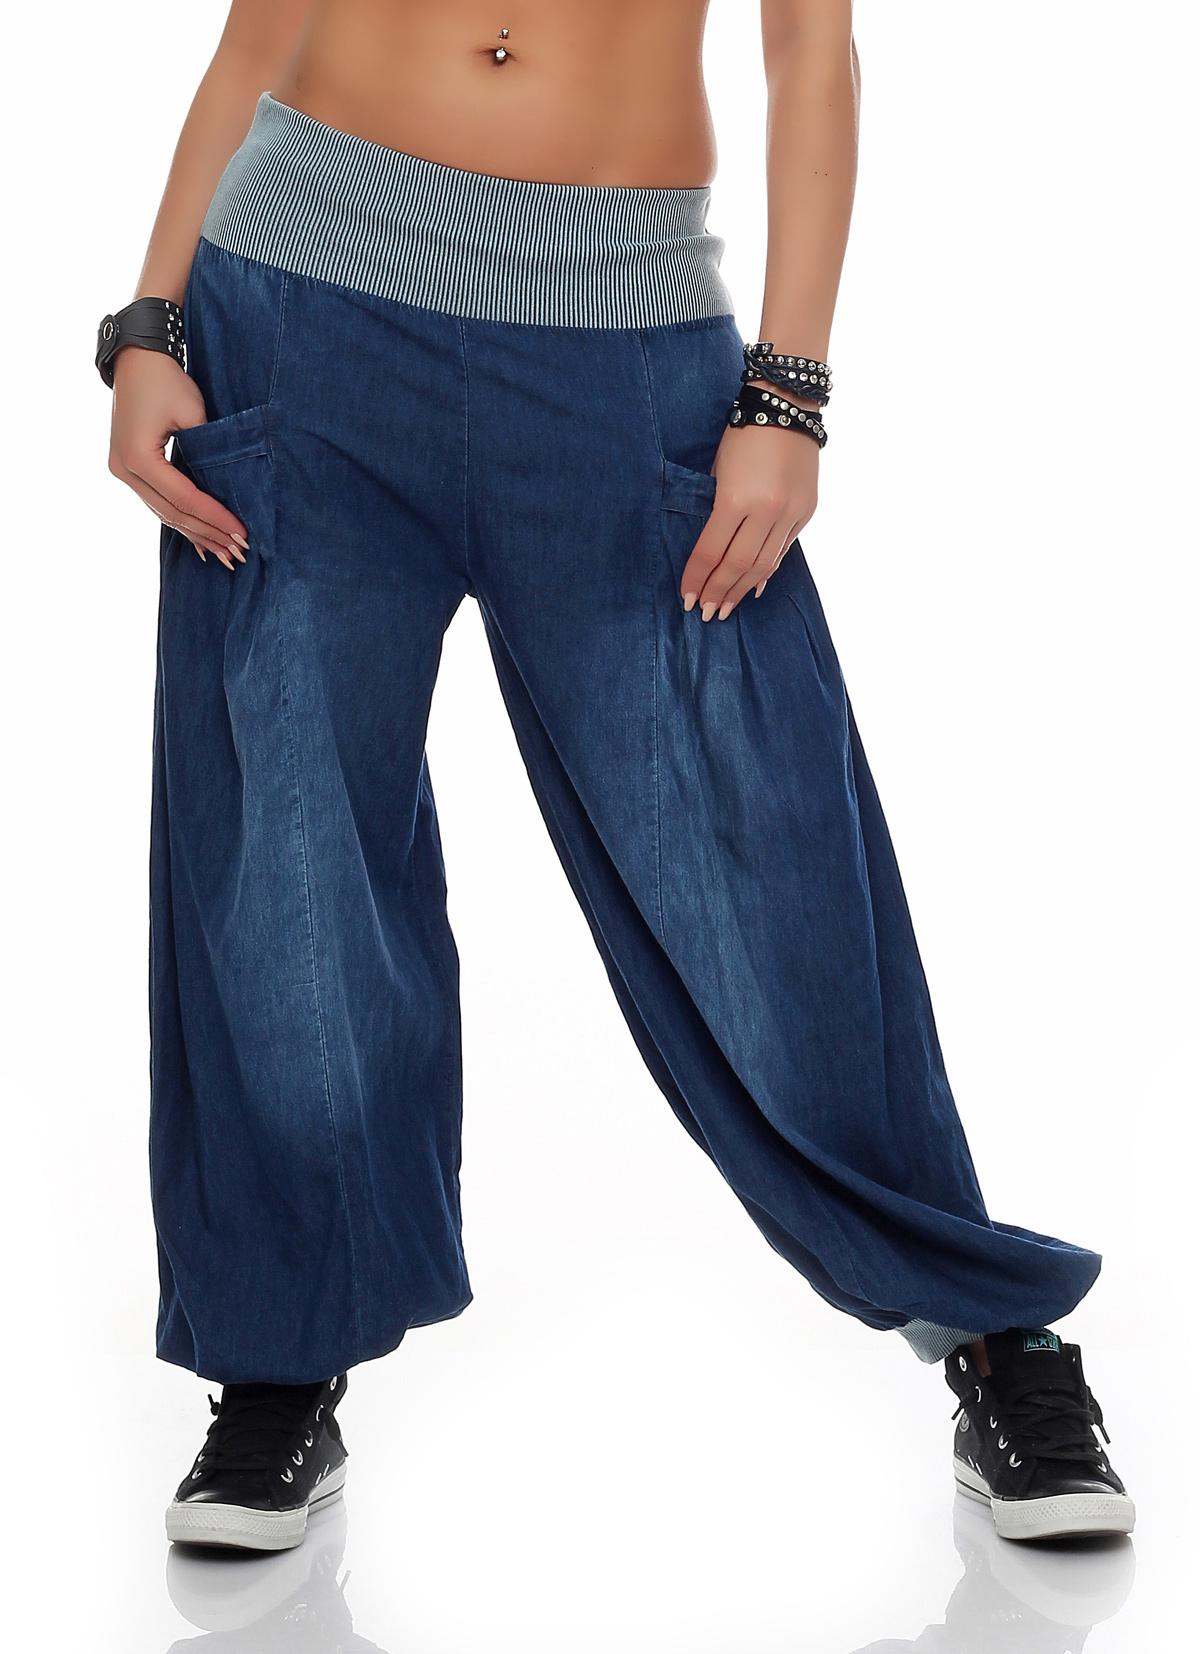 damen haremshose aladinhose pumphose jeans sommerhose weite hose neu bf 0016 ebay. Black Bedroom Furniture Sets. Home Design Ideas